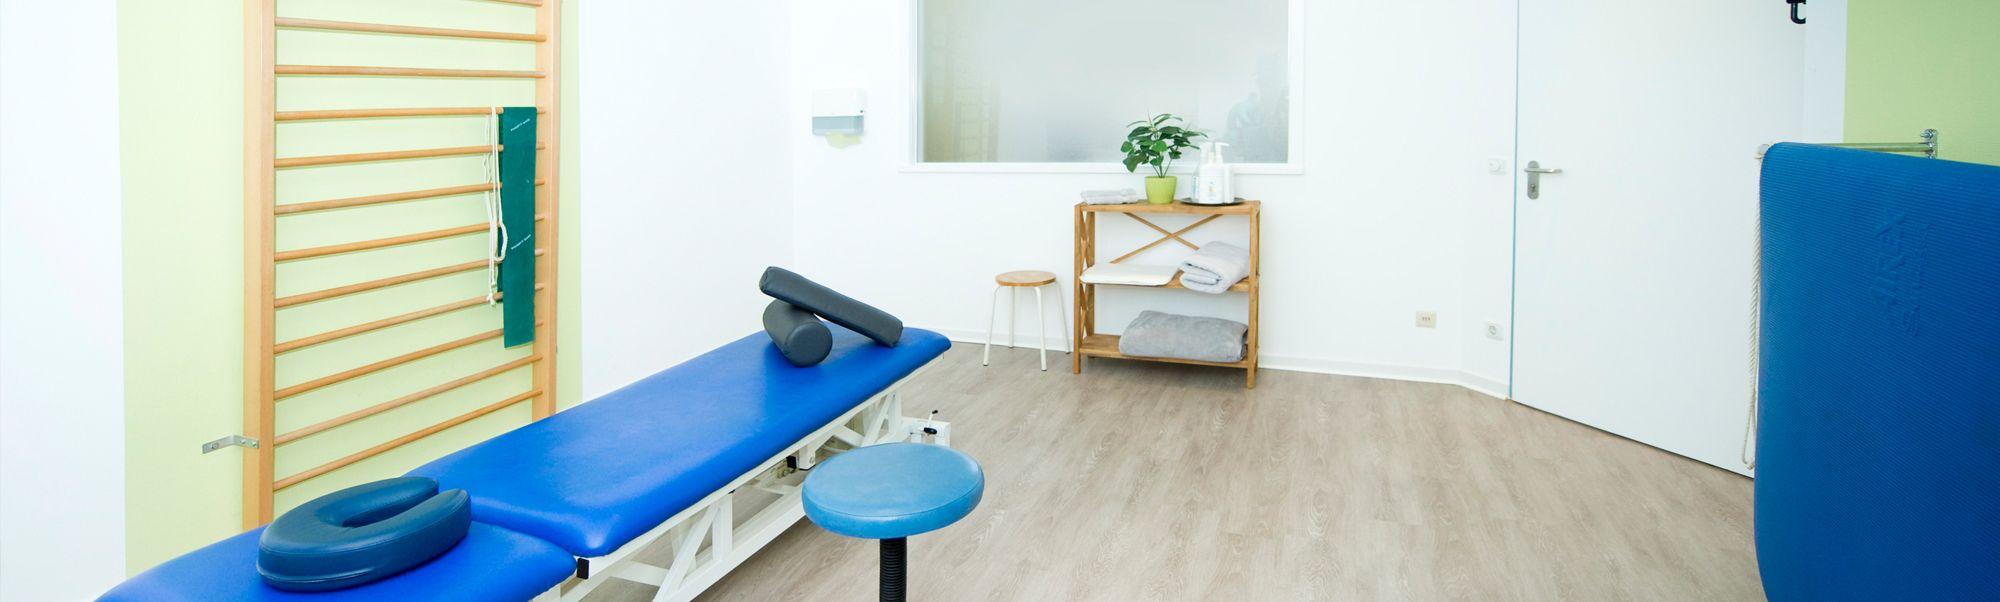 Praxis im Wiehen Park | Therapie